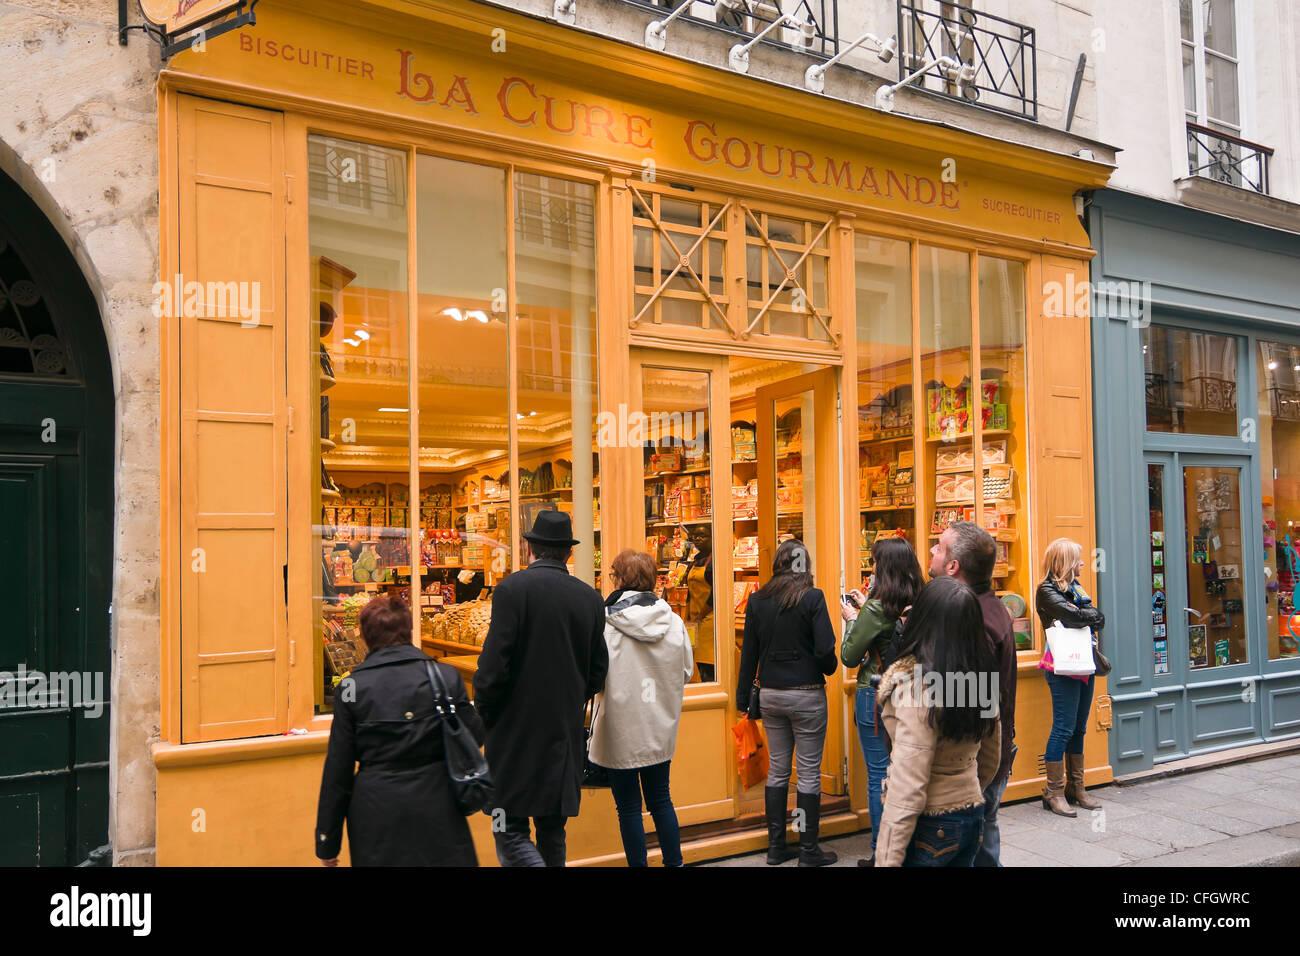 La Cure Gourmande Keks und Schokolade Shop - Île Saint-Louis, Paris, Frankreich Stockbild